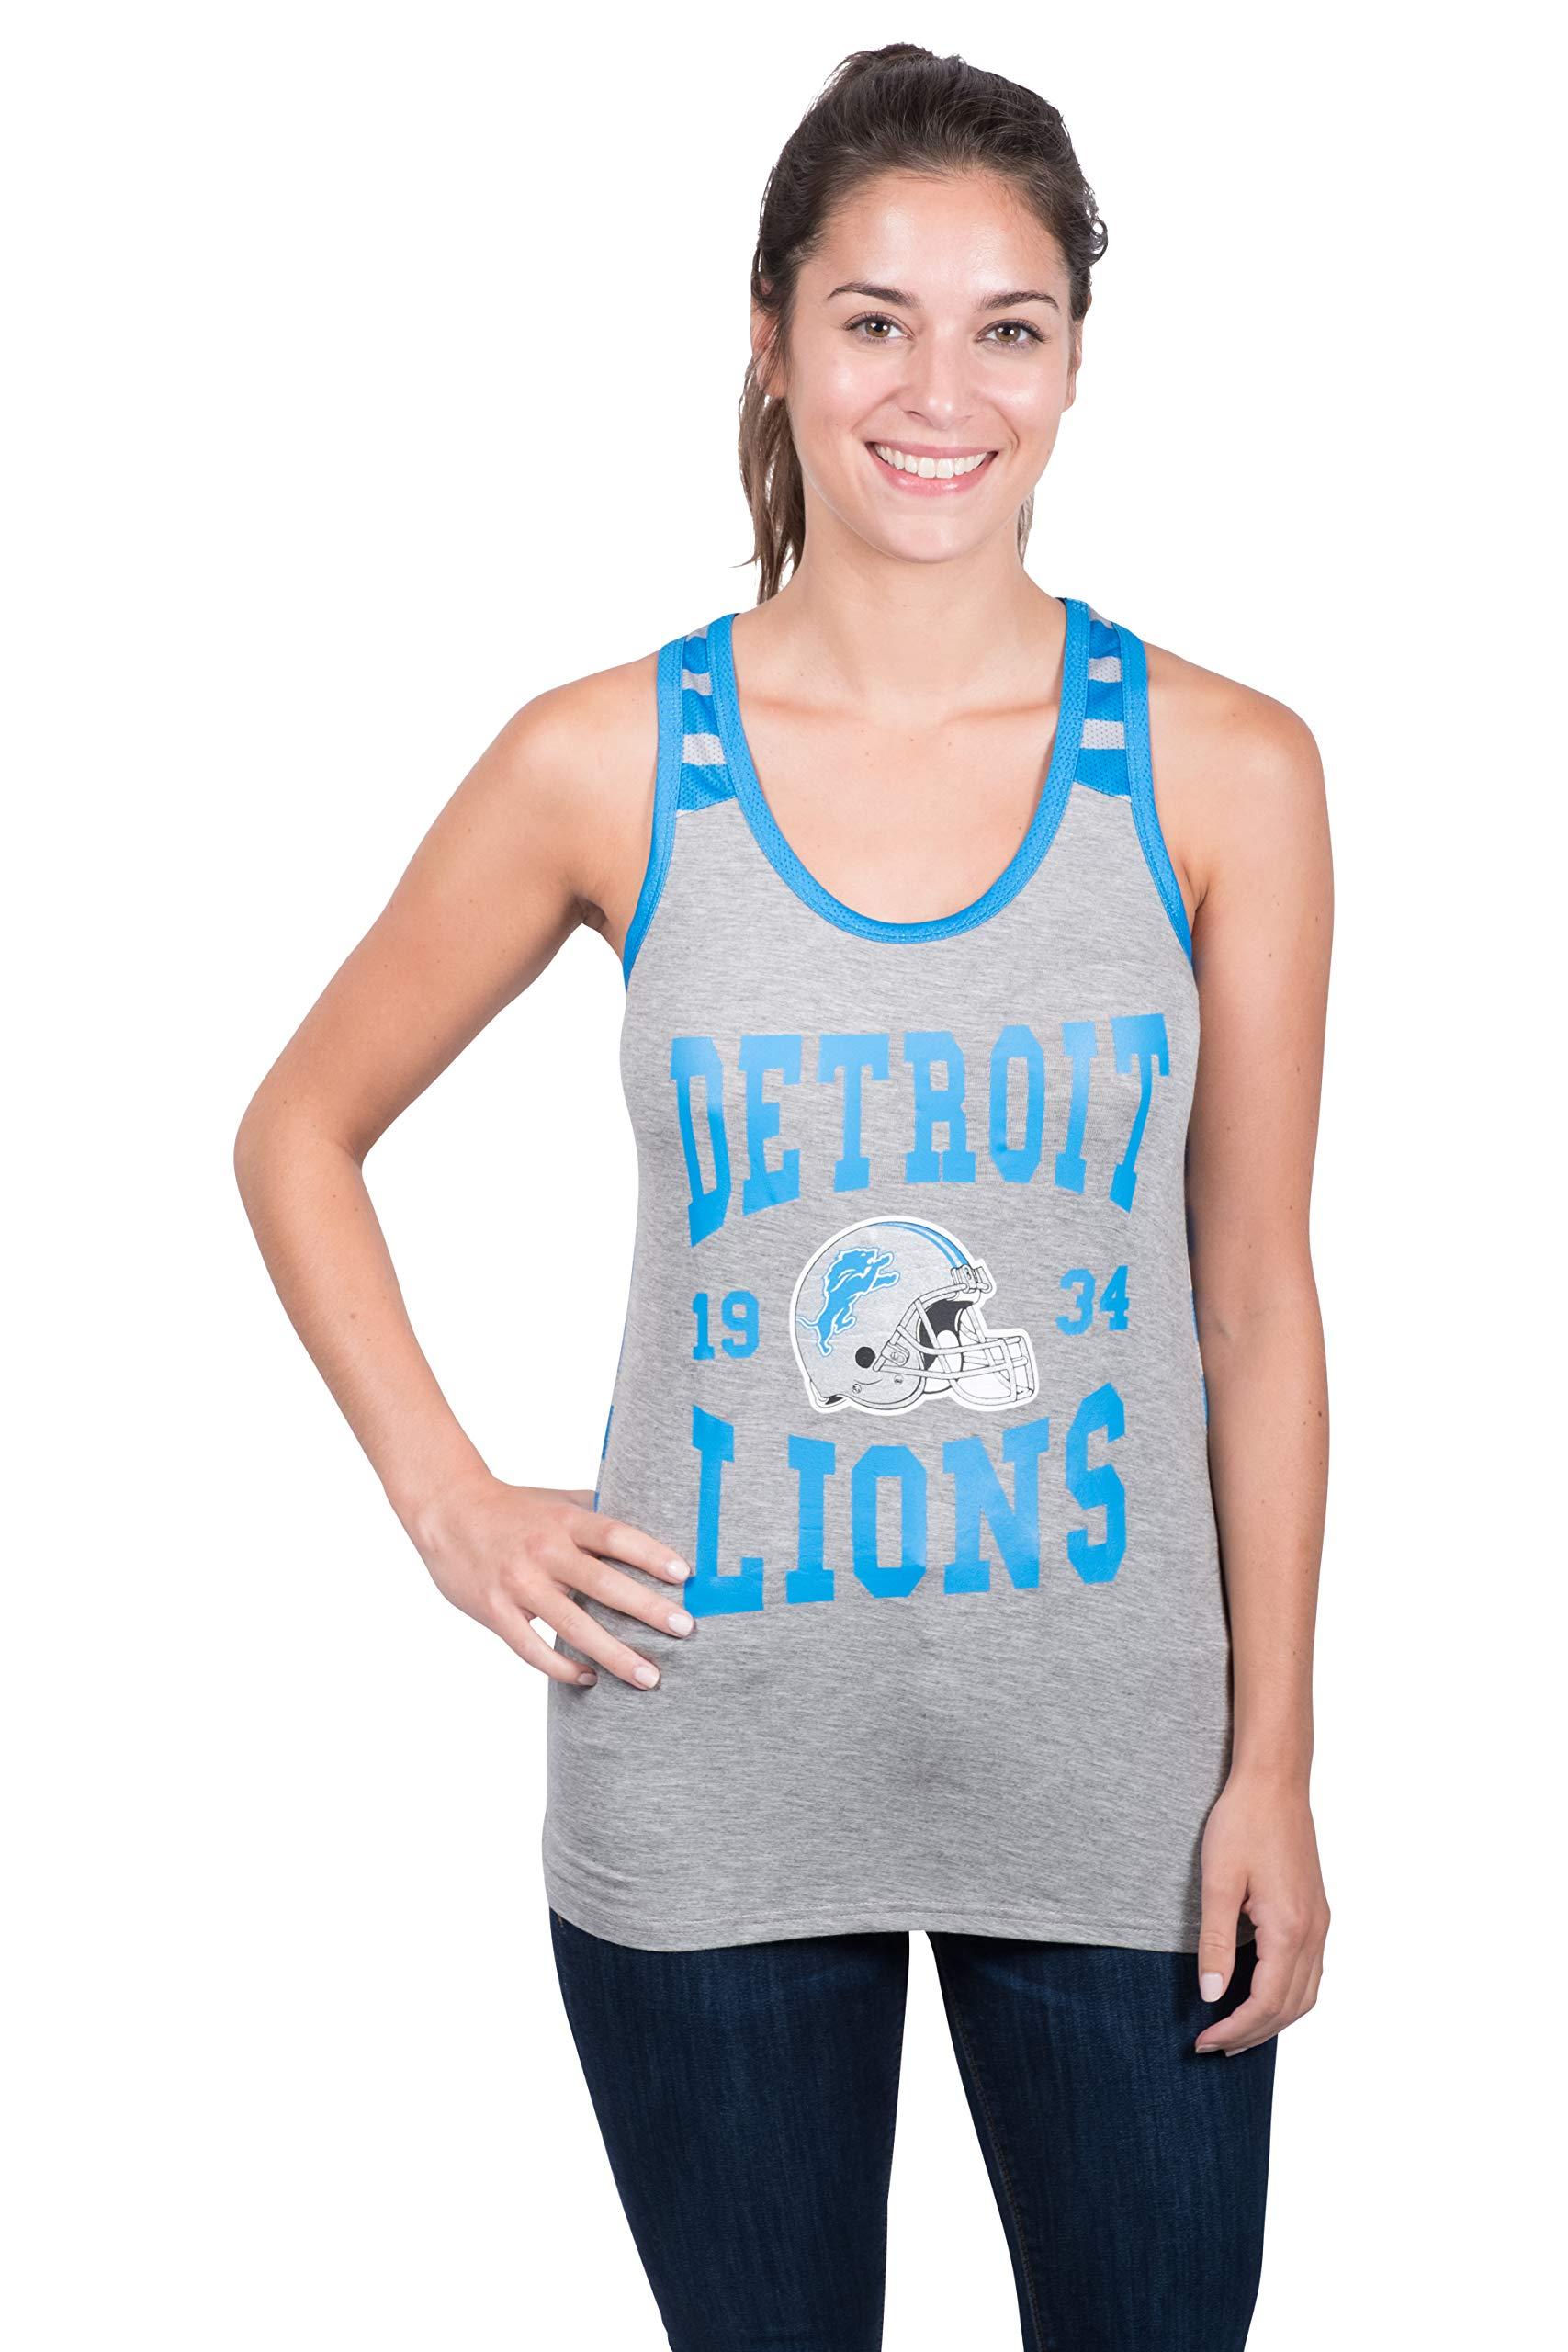 daa4c5d53e8 Galleon - Icer Brands NFL Detroit Lions Women s Jersey Tank Top Sleeveless  Mesh Tee Shirt